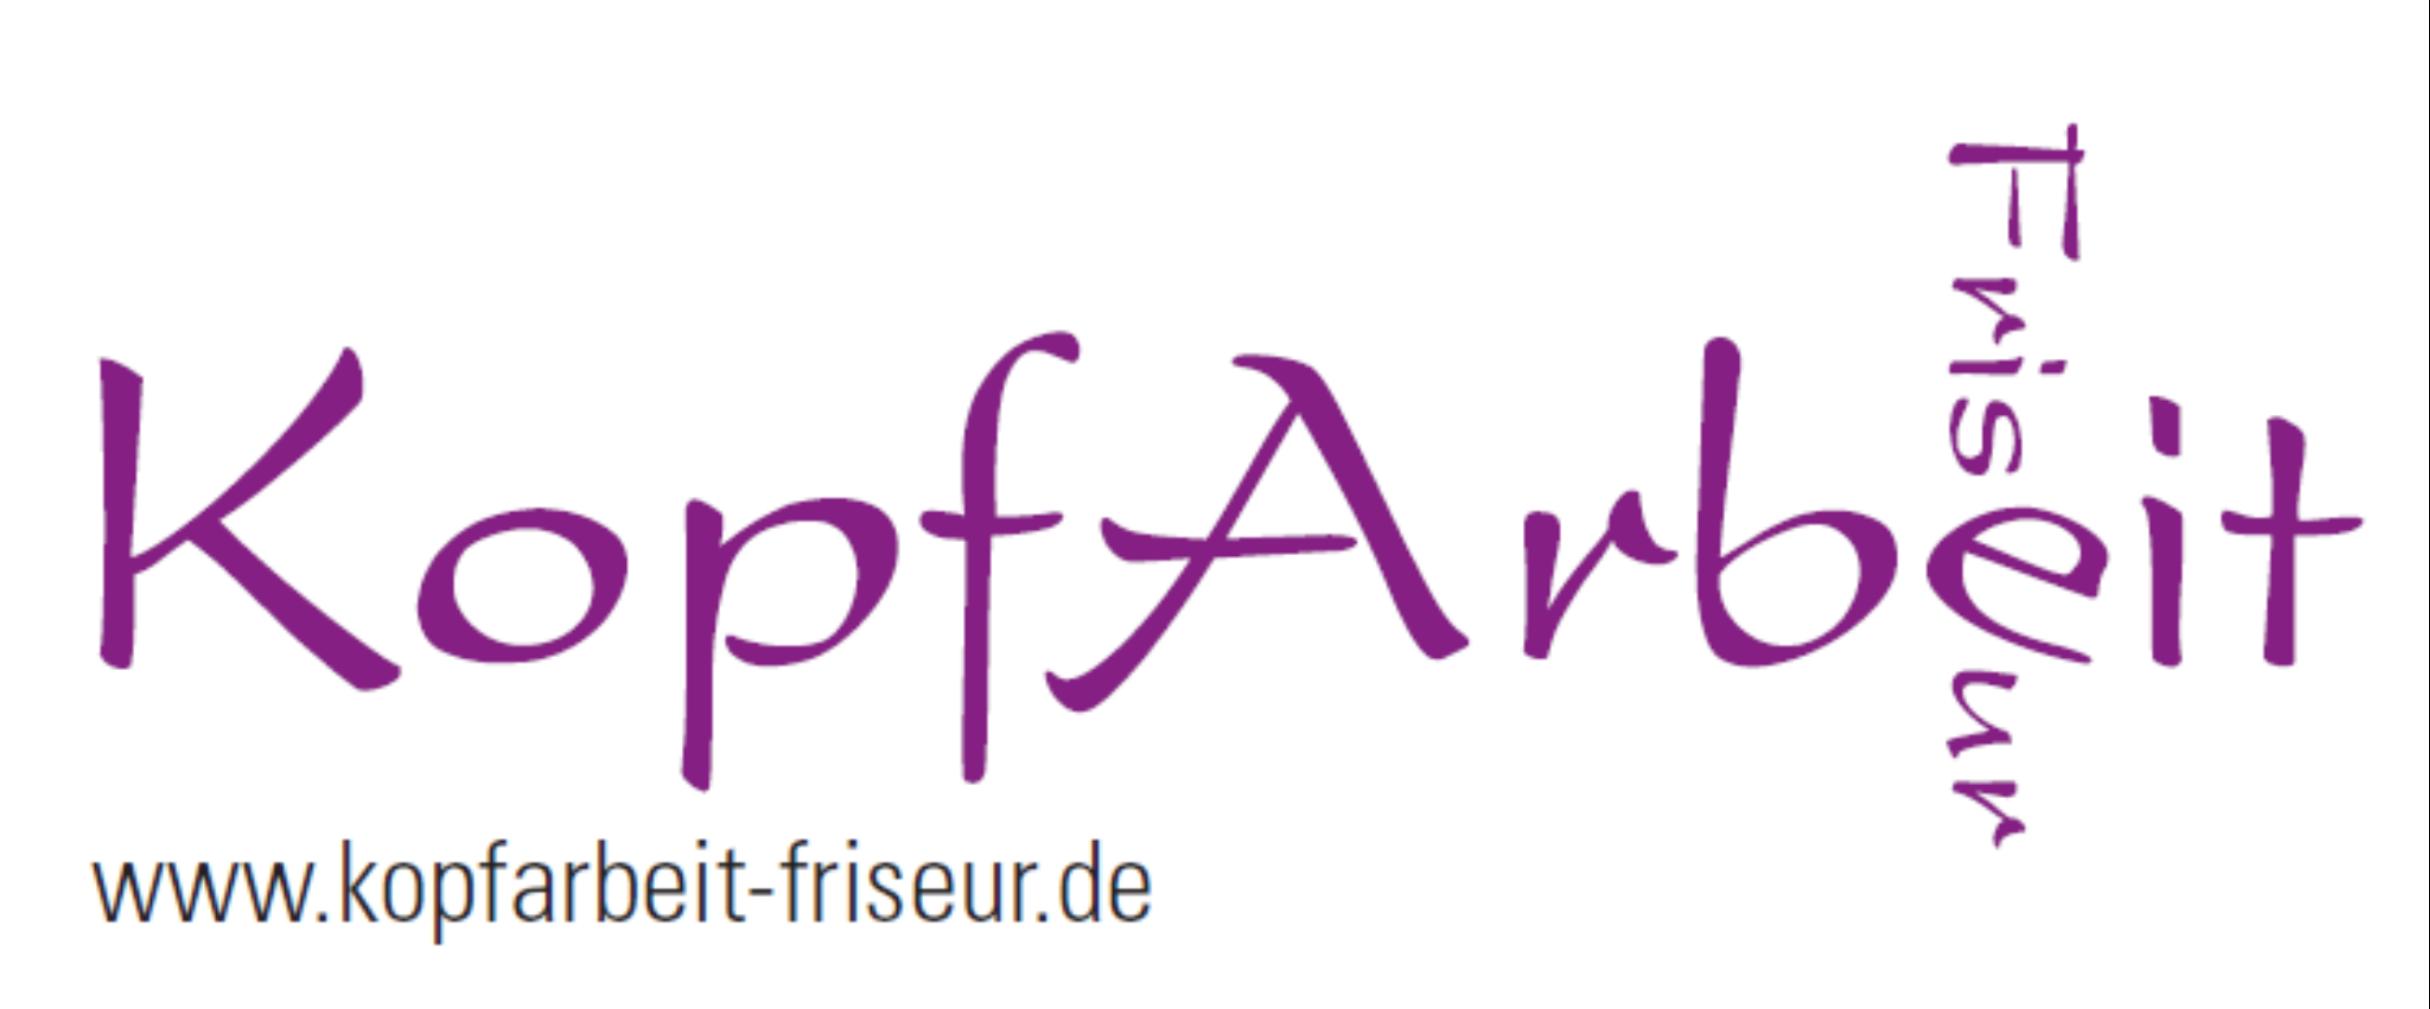 Kopfarbeit Paderborn